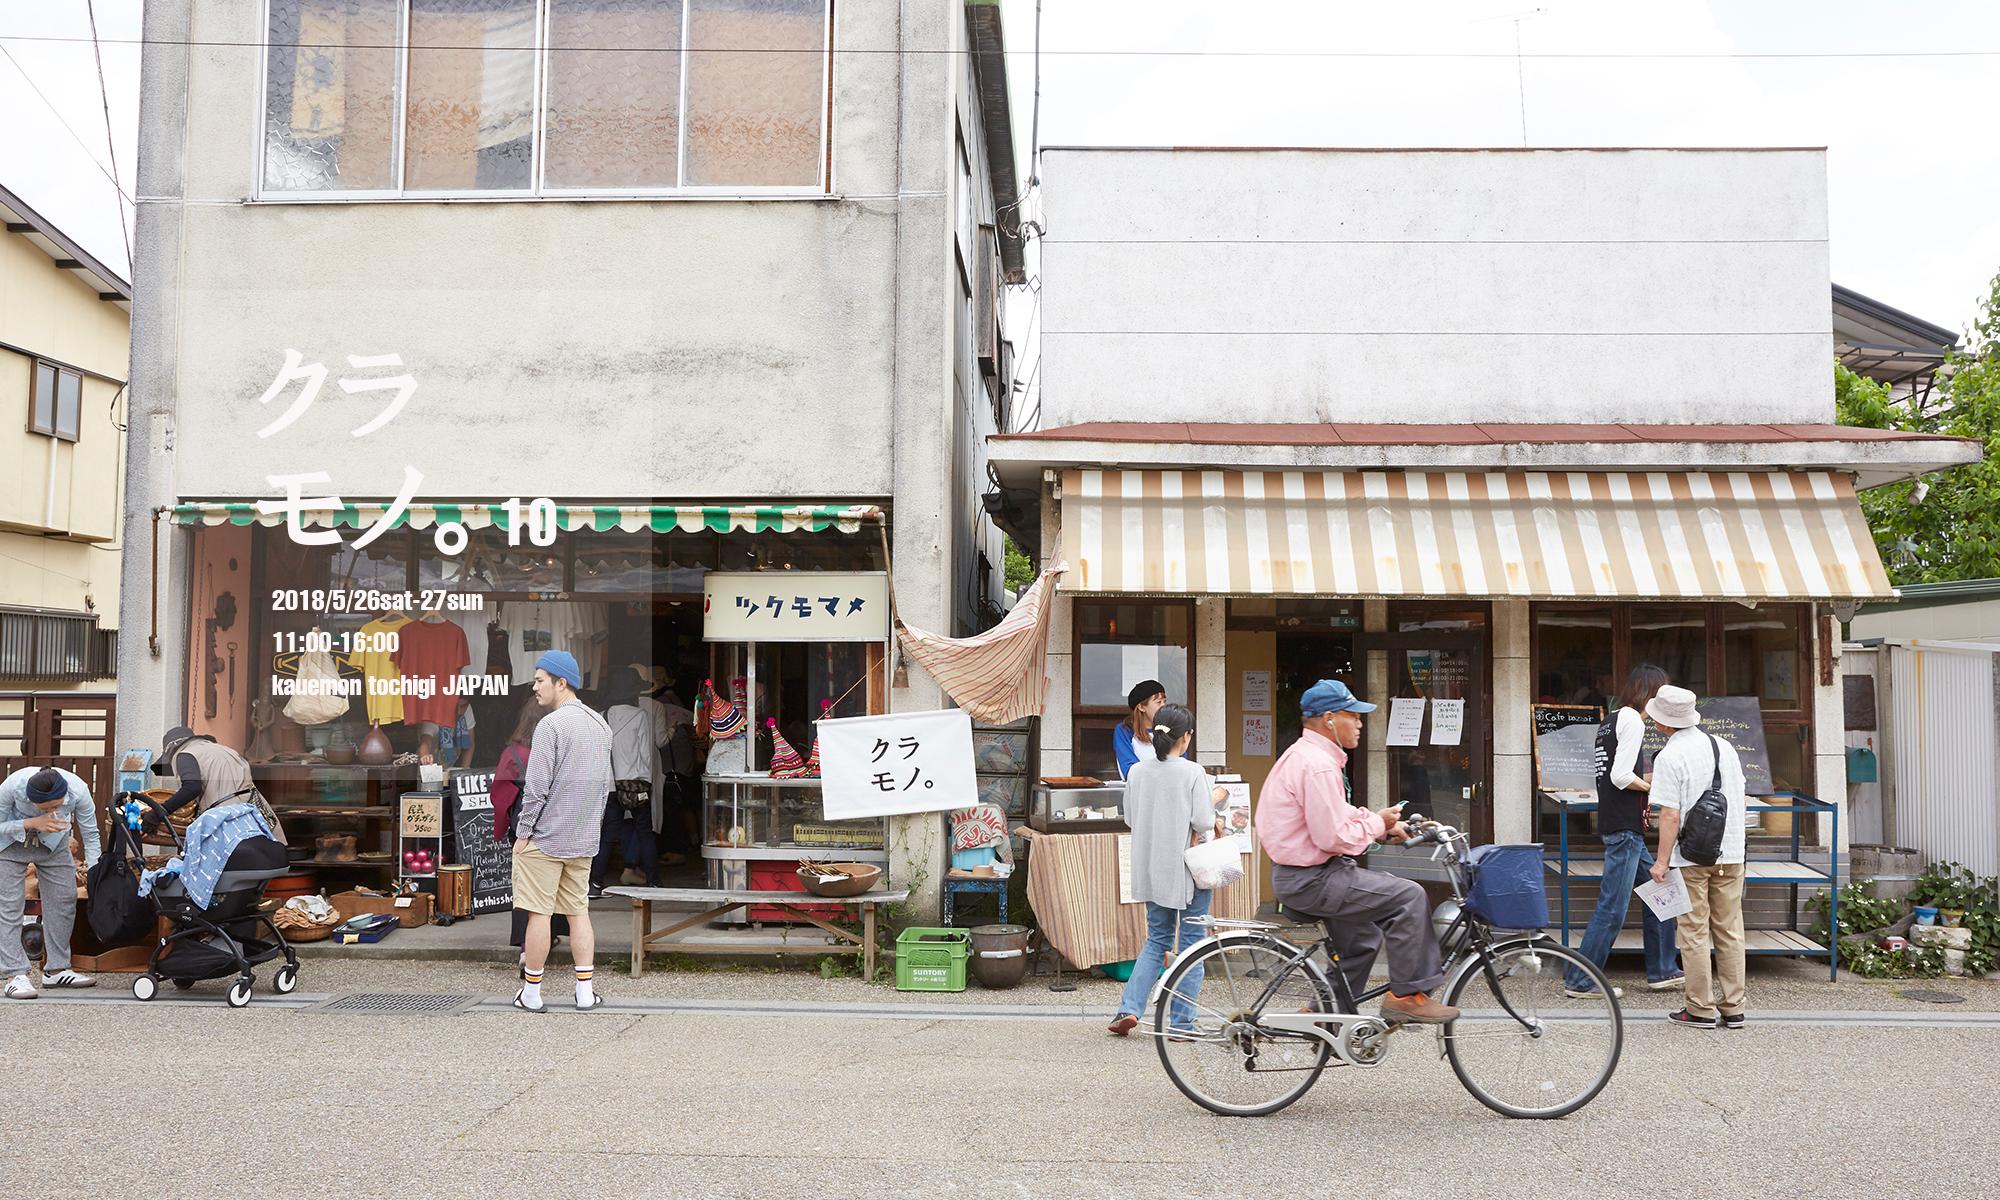 【公式】クラモノ。栃木市・嘉右衛門町